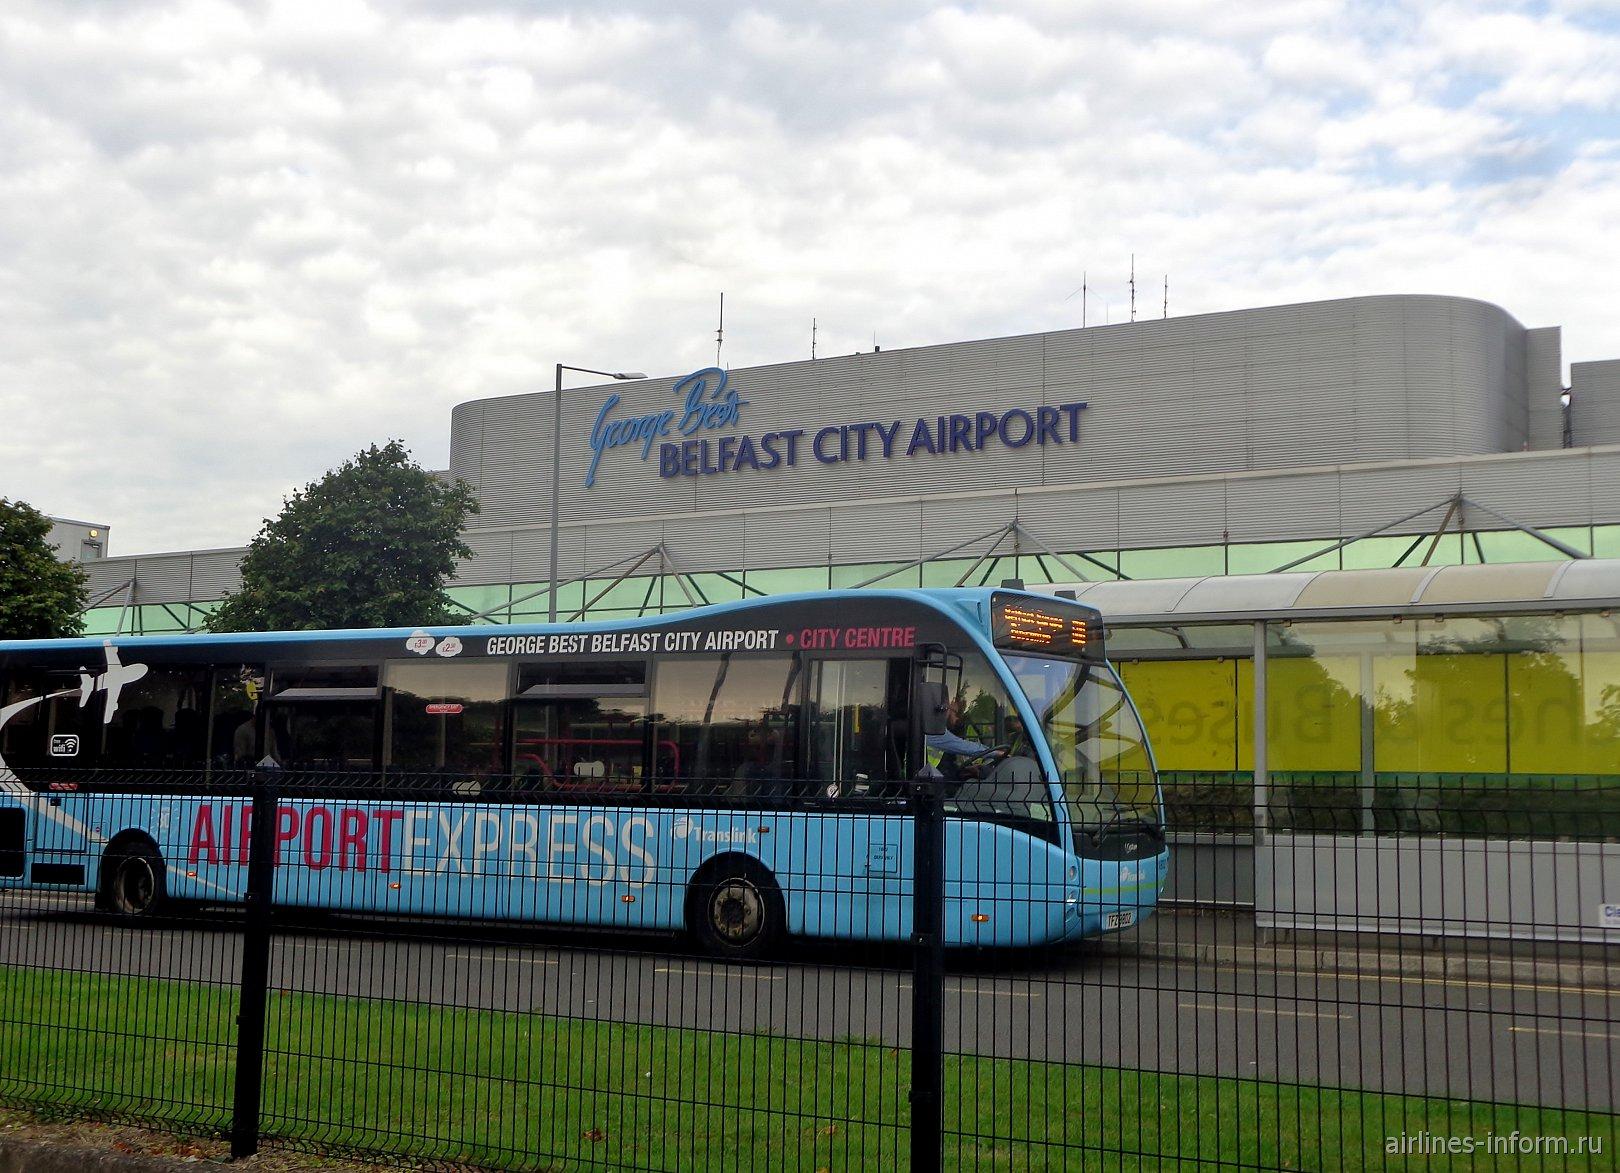 Пассажирский терминал и автобус-экспресс в аэропорту Белфаст-Сити Джордж Бест